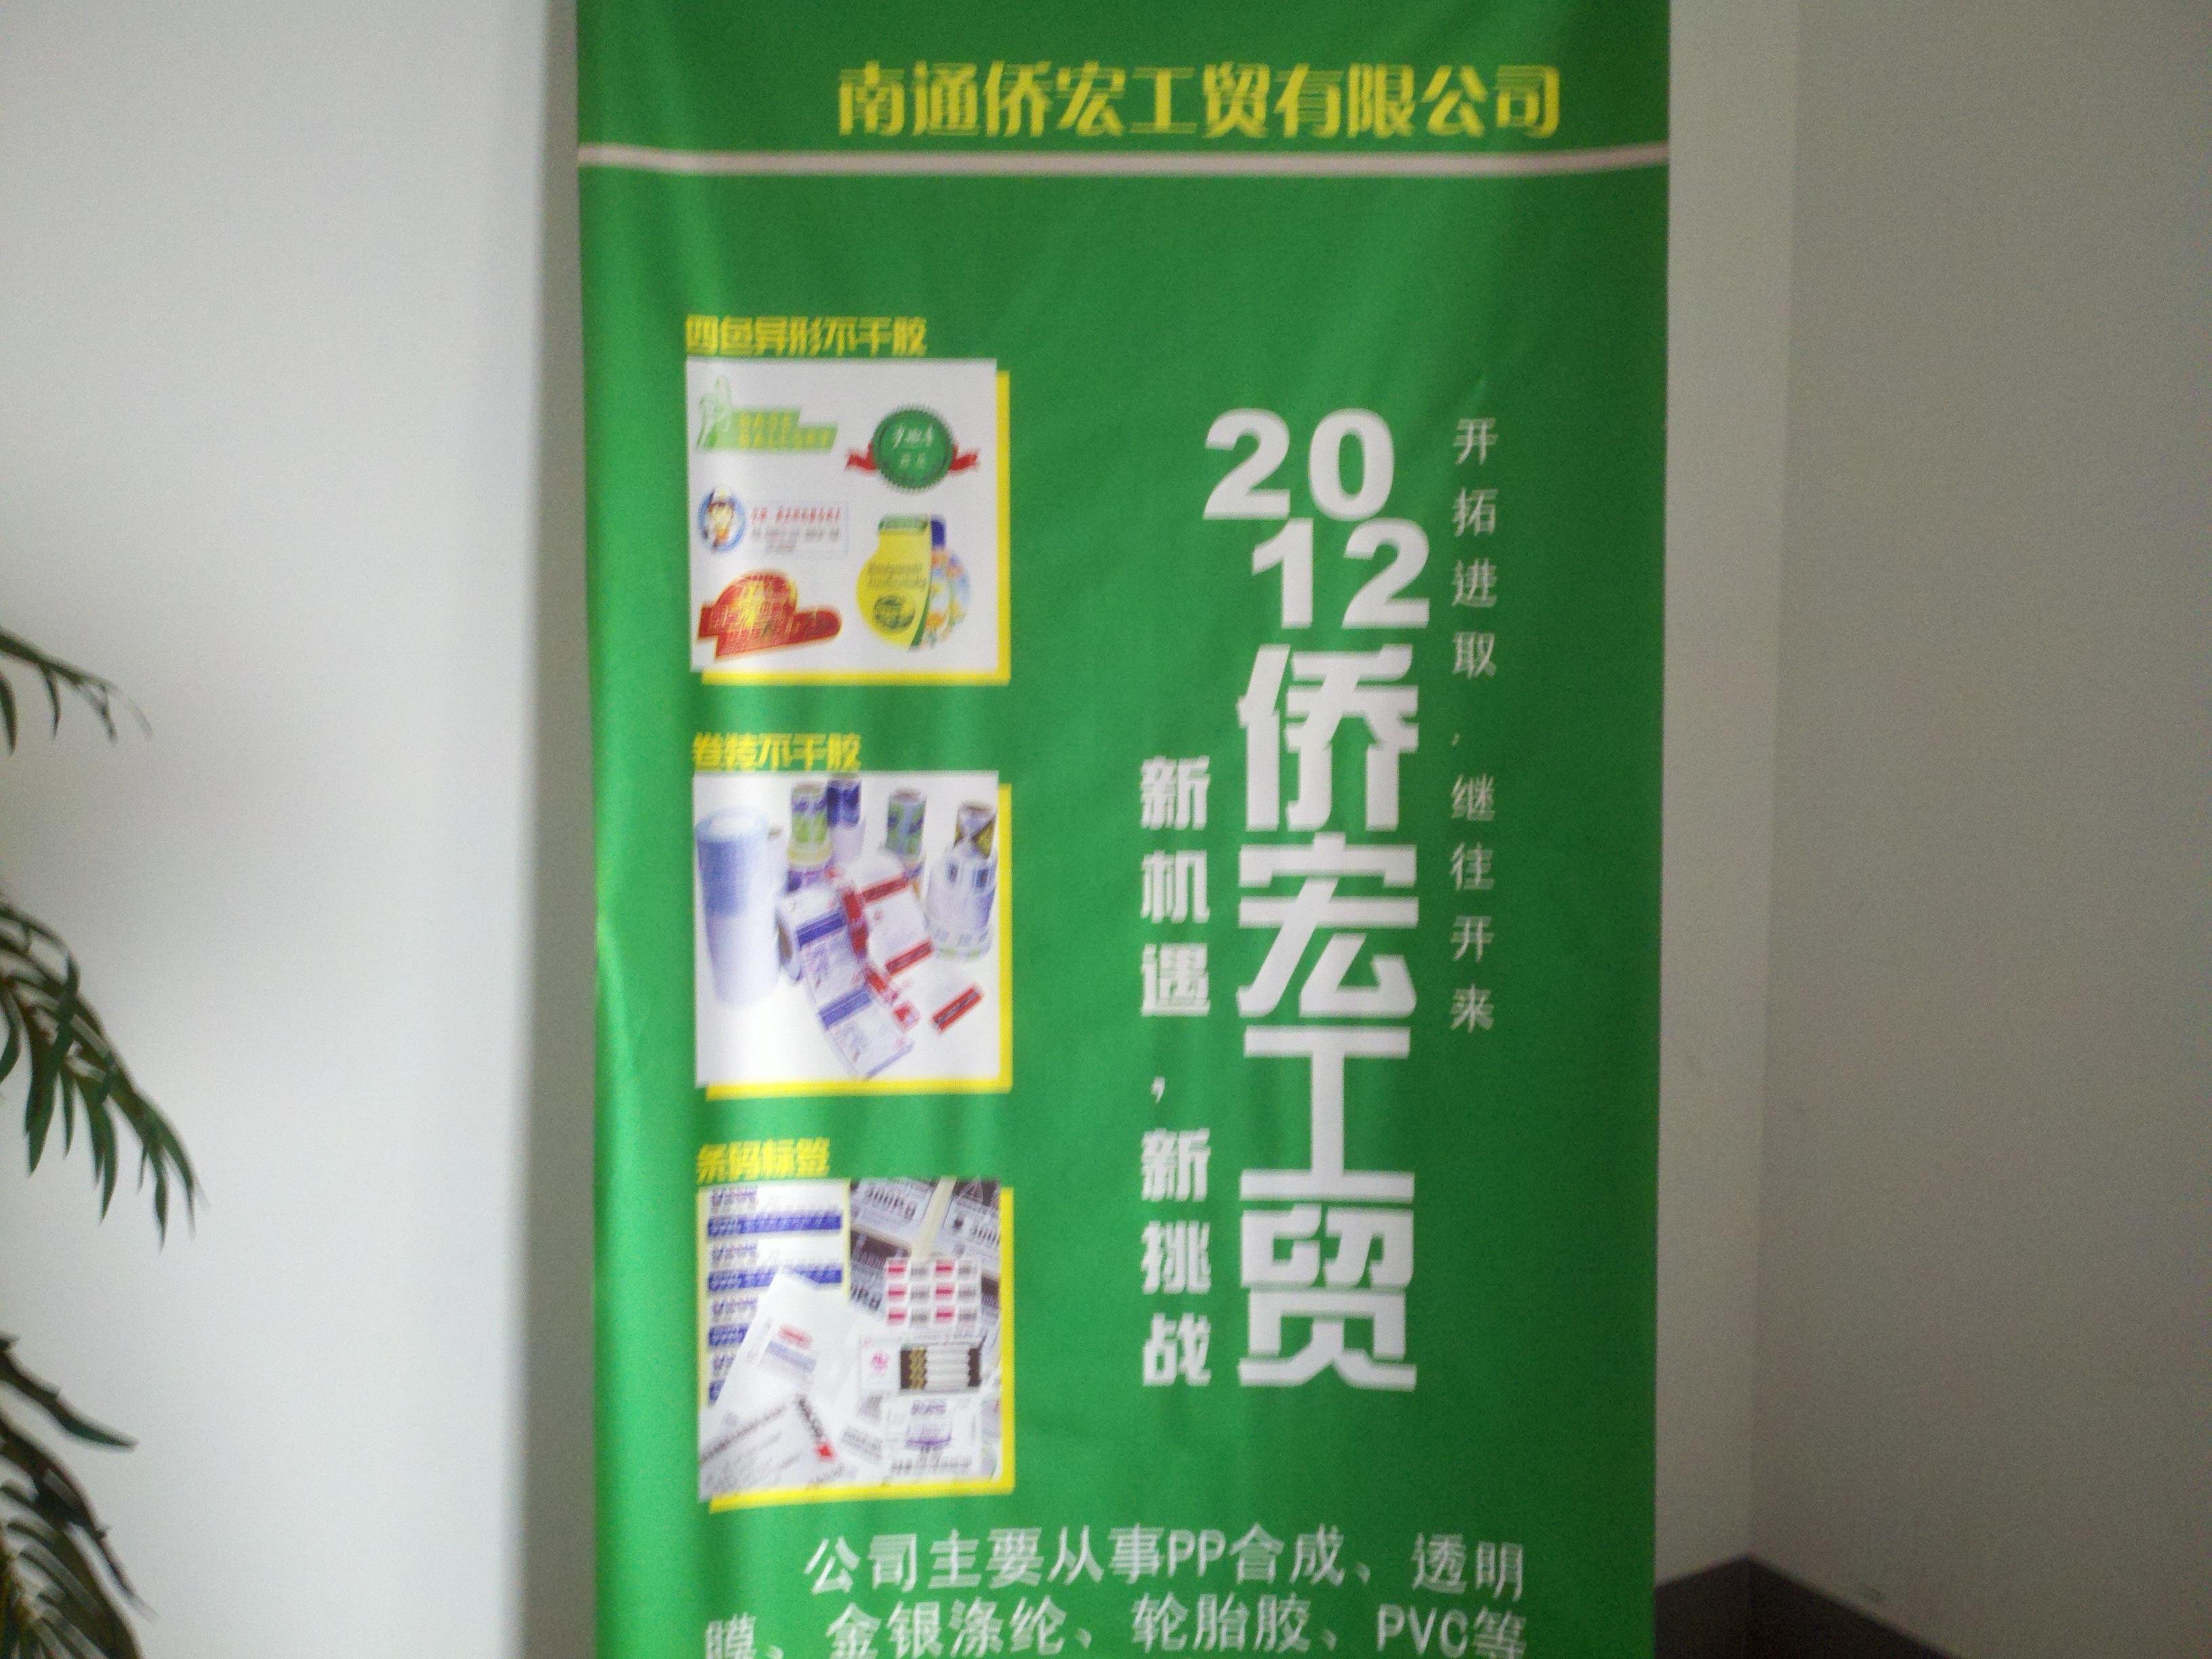 亚博体育彩ViP点今广告图文设计制作有限公司